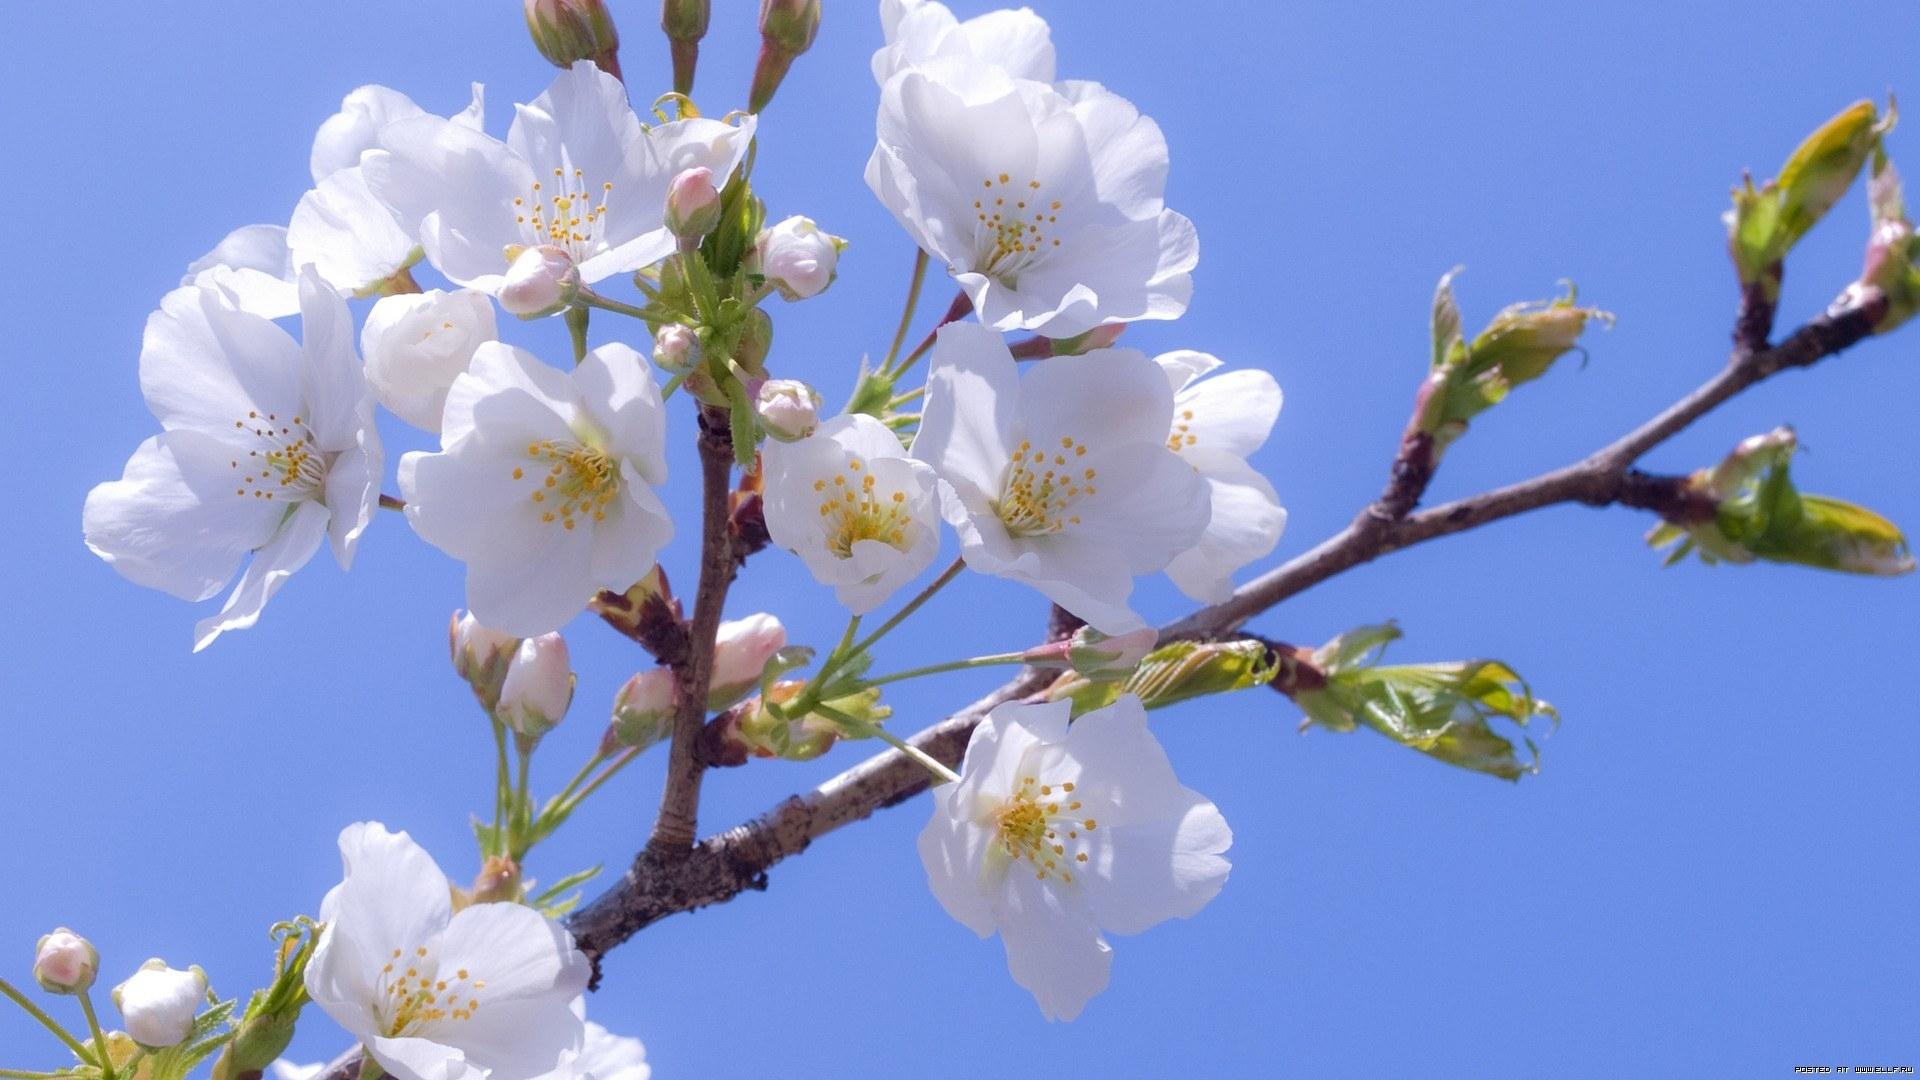 25743 скачать обои Растения, Цветы, Деревья - заставки и картинки бесплатно